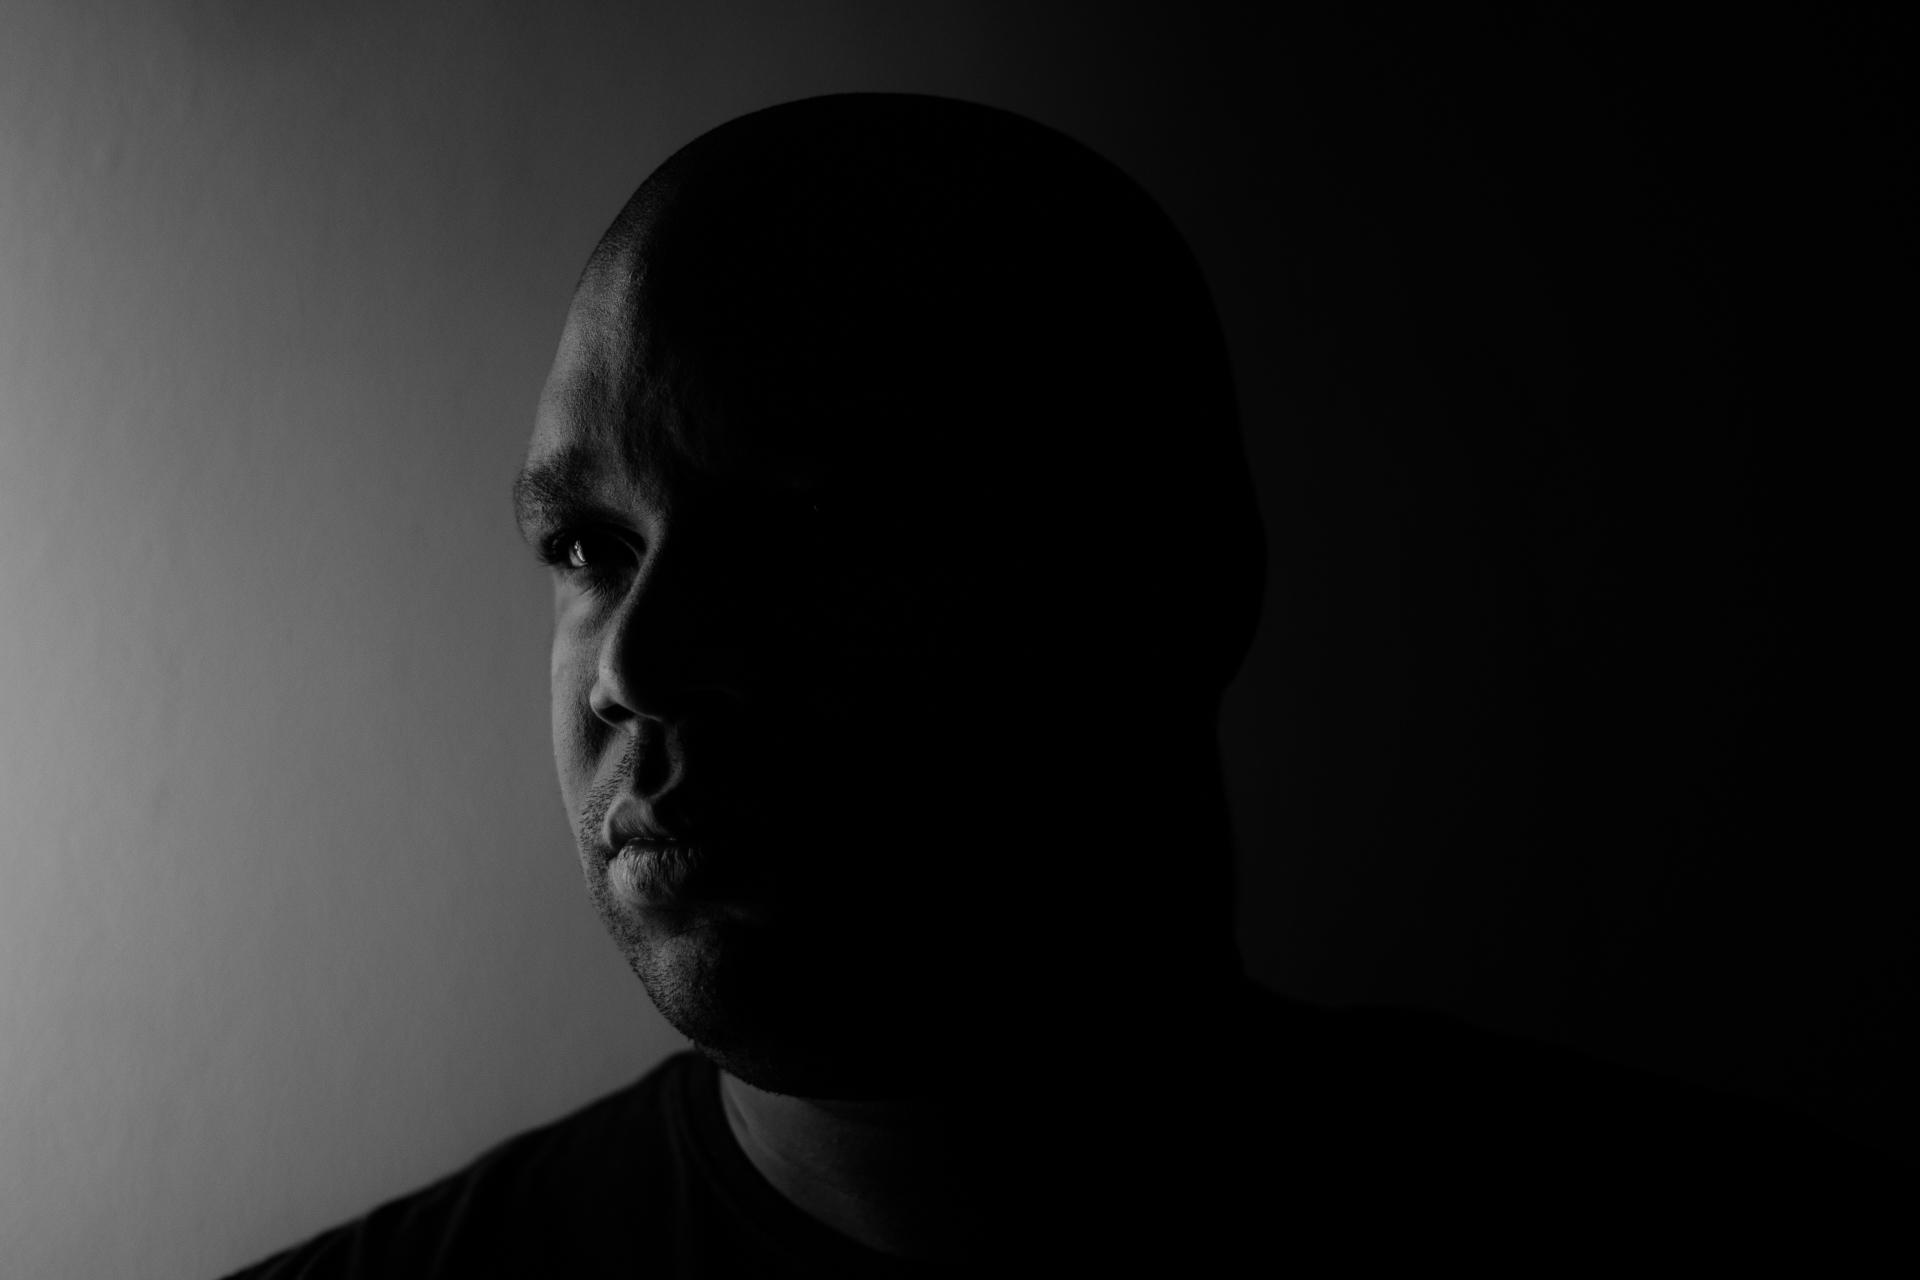 Sobre Fotografia Editorial e Retratos - Zé Alexandre - Rio de Janeiro